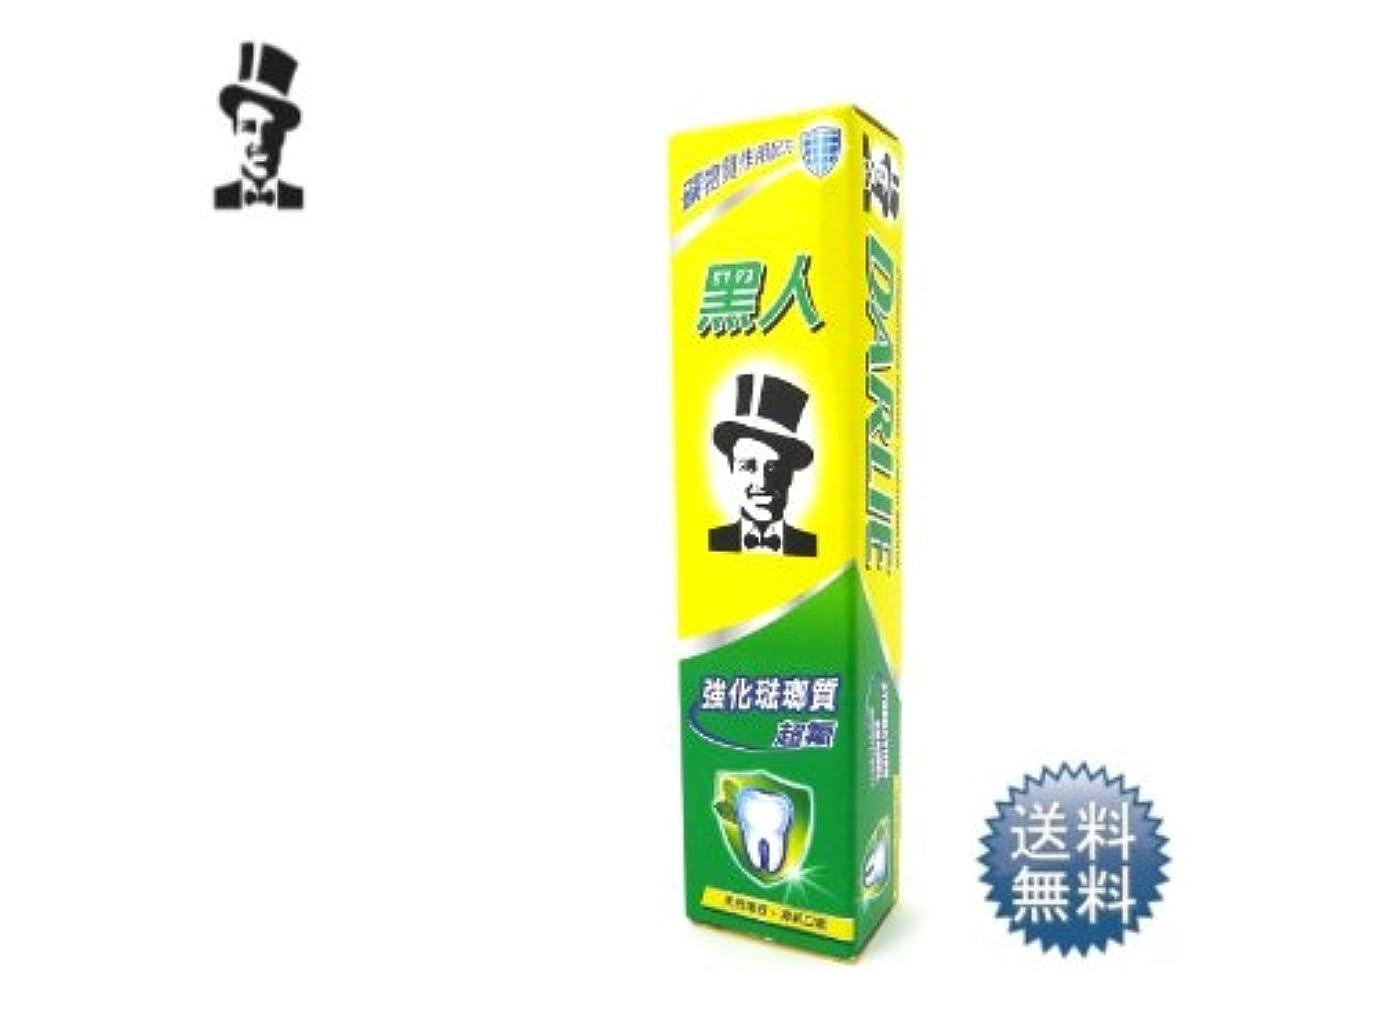 懇願する重量有効な台湾 黒人 歯磨き粉 50g